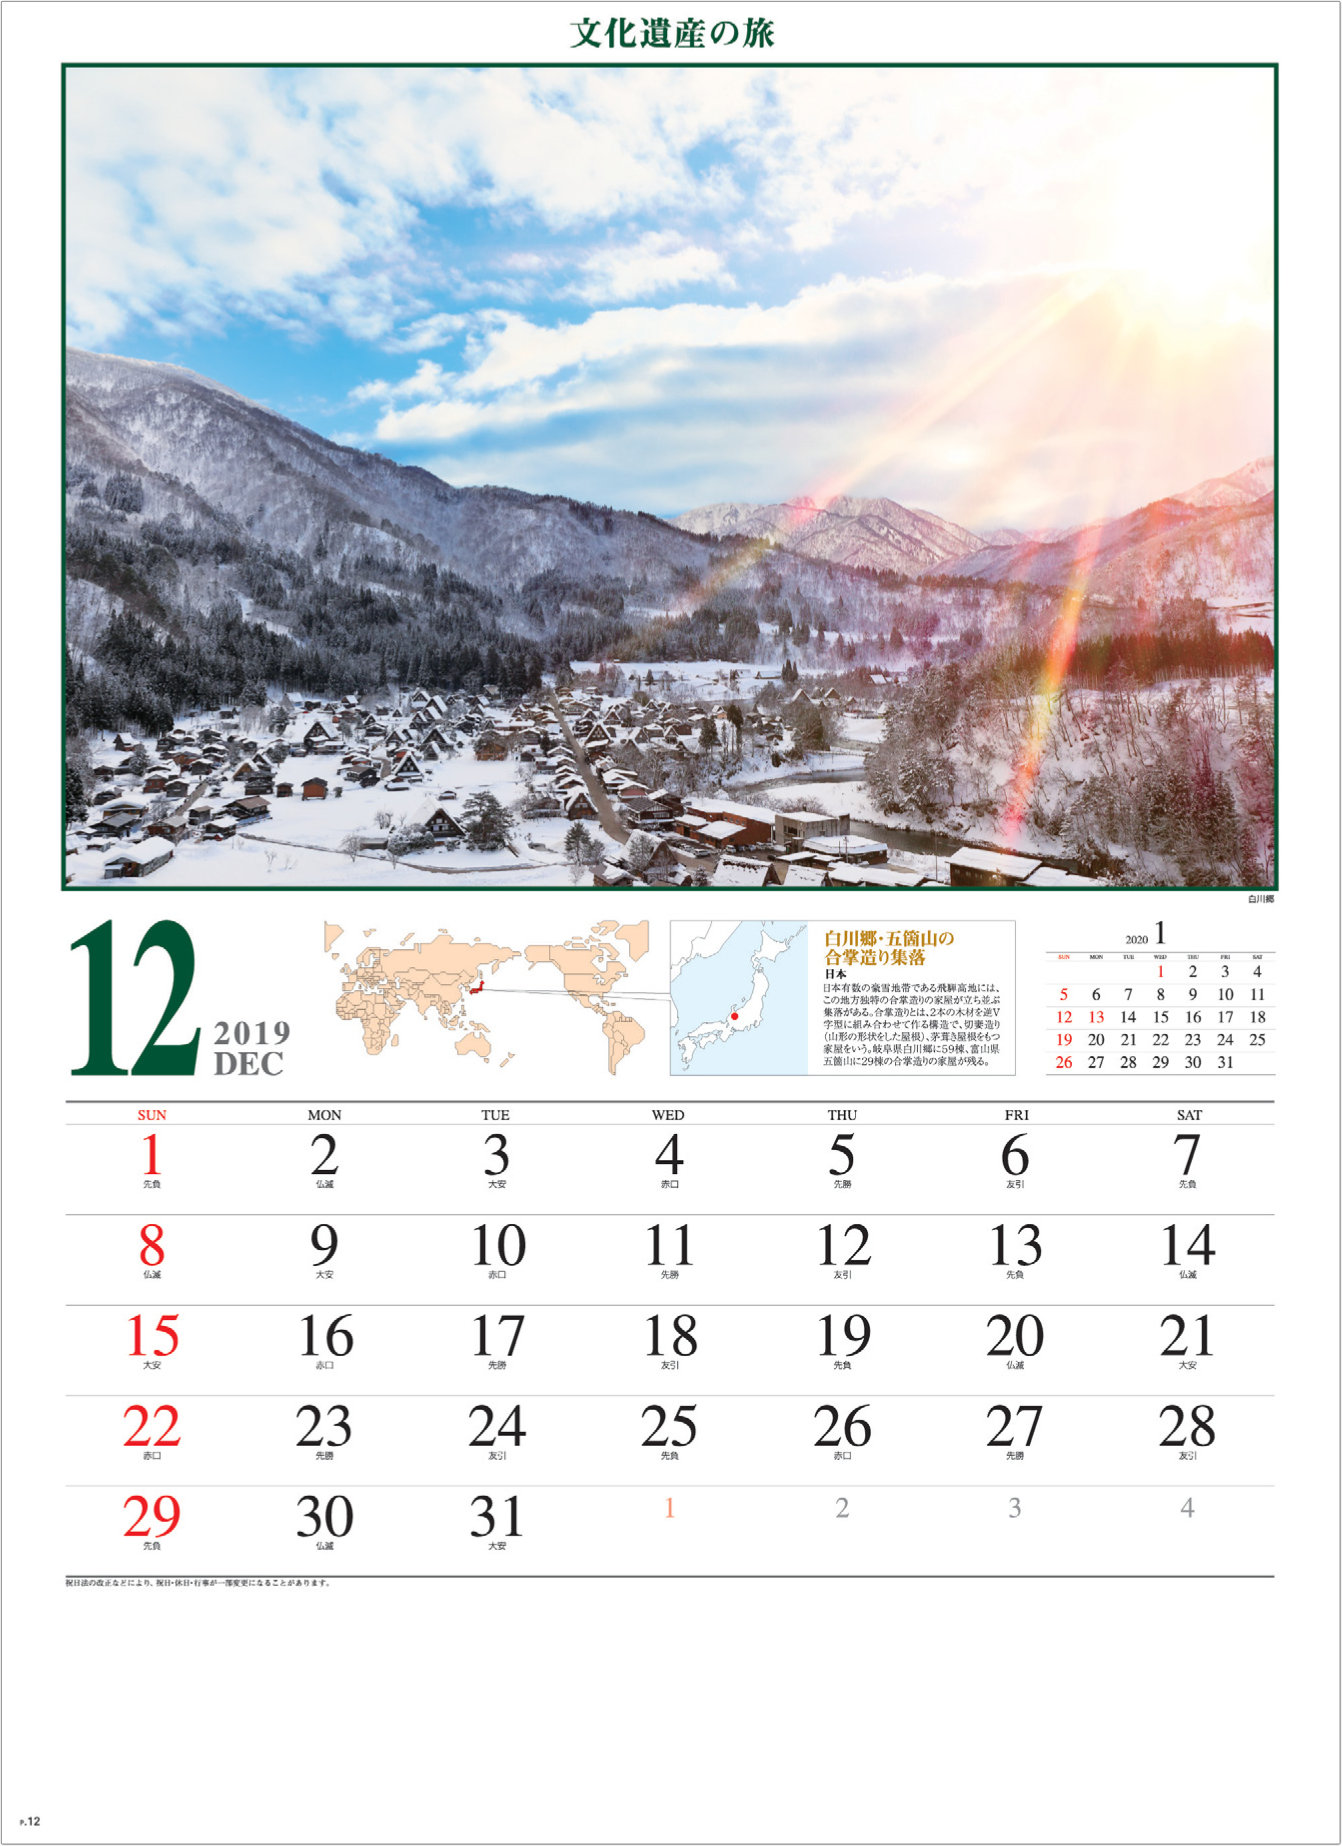 日本の世界遺産 白川郷 文化遺産の旅(ユネスコ世界遺産) 2019年カレンダーの画像